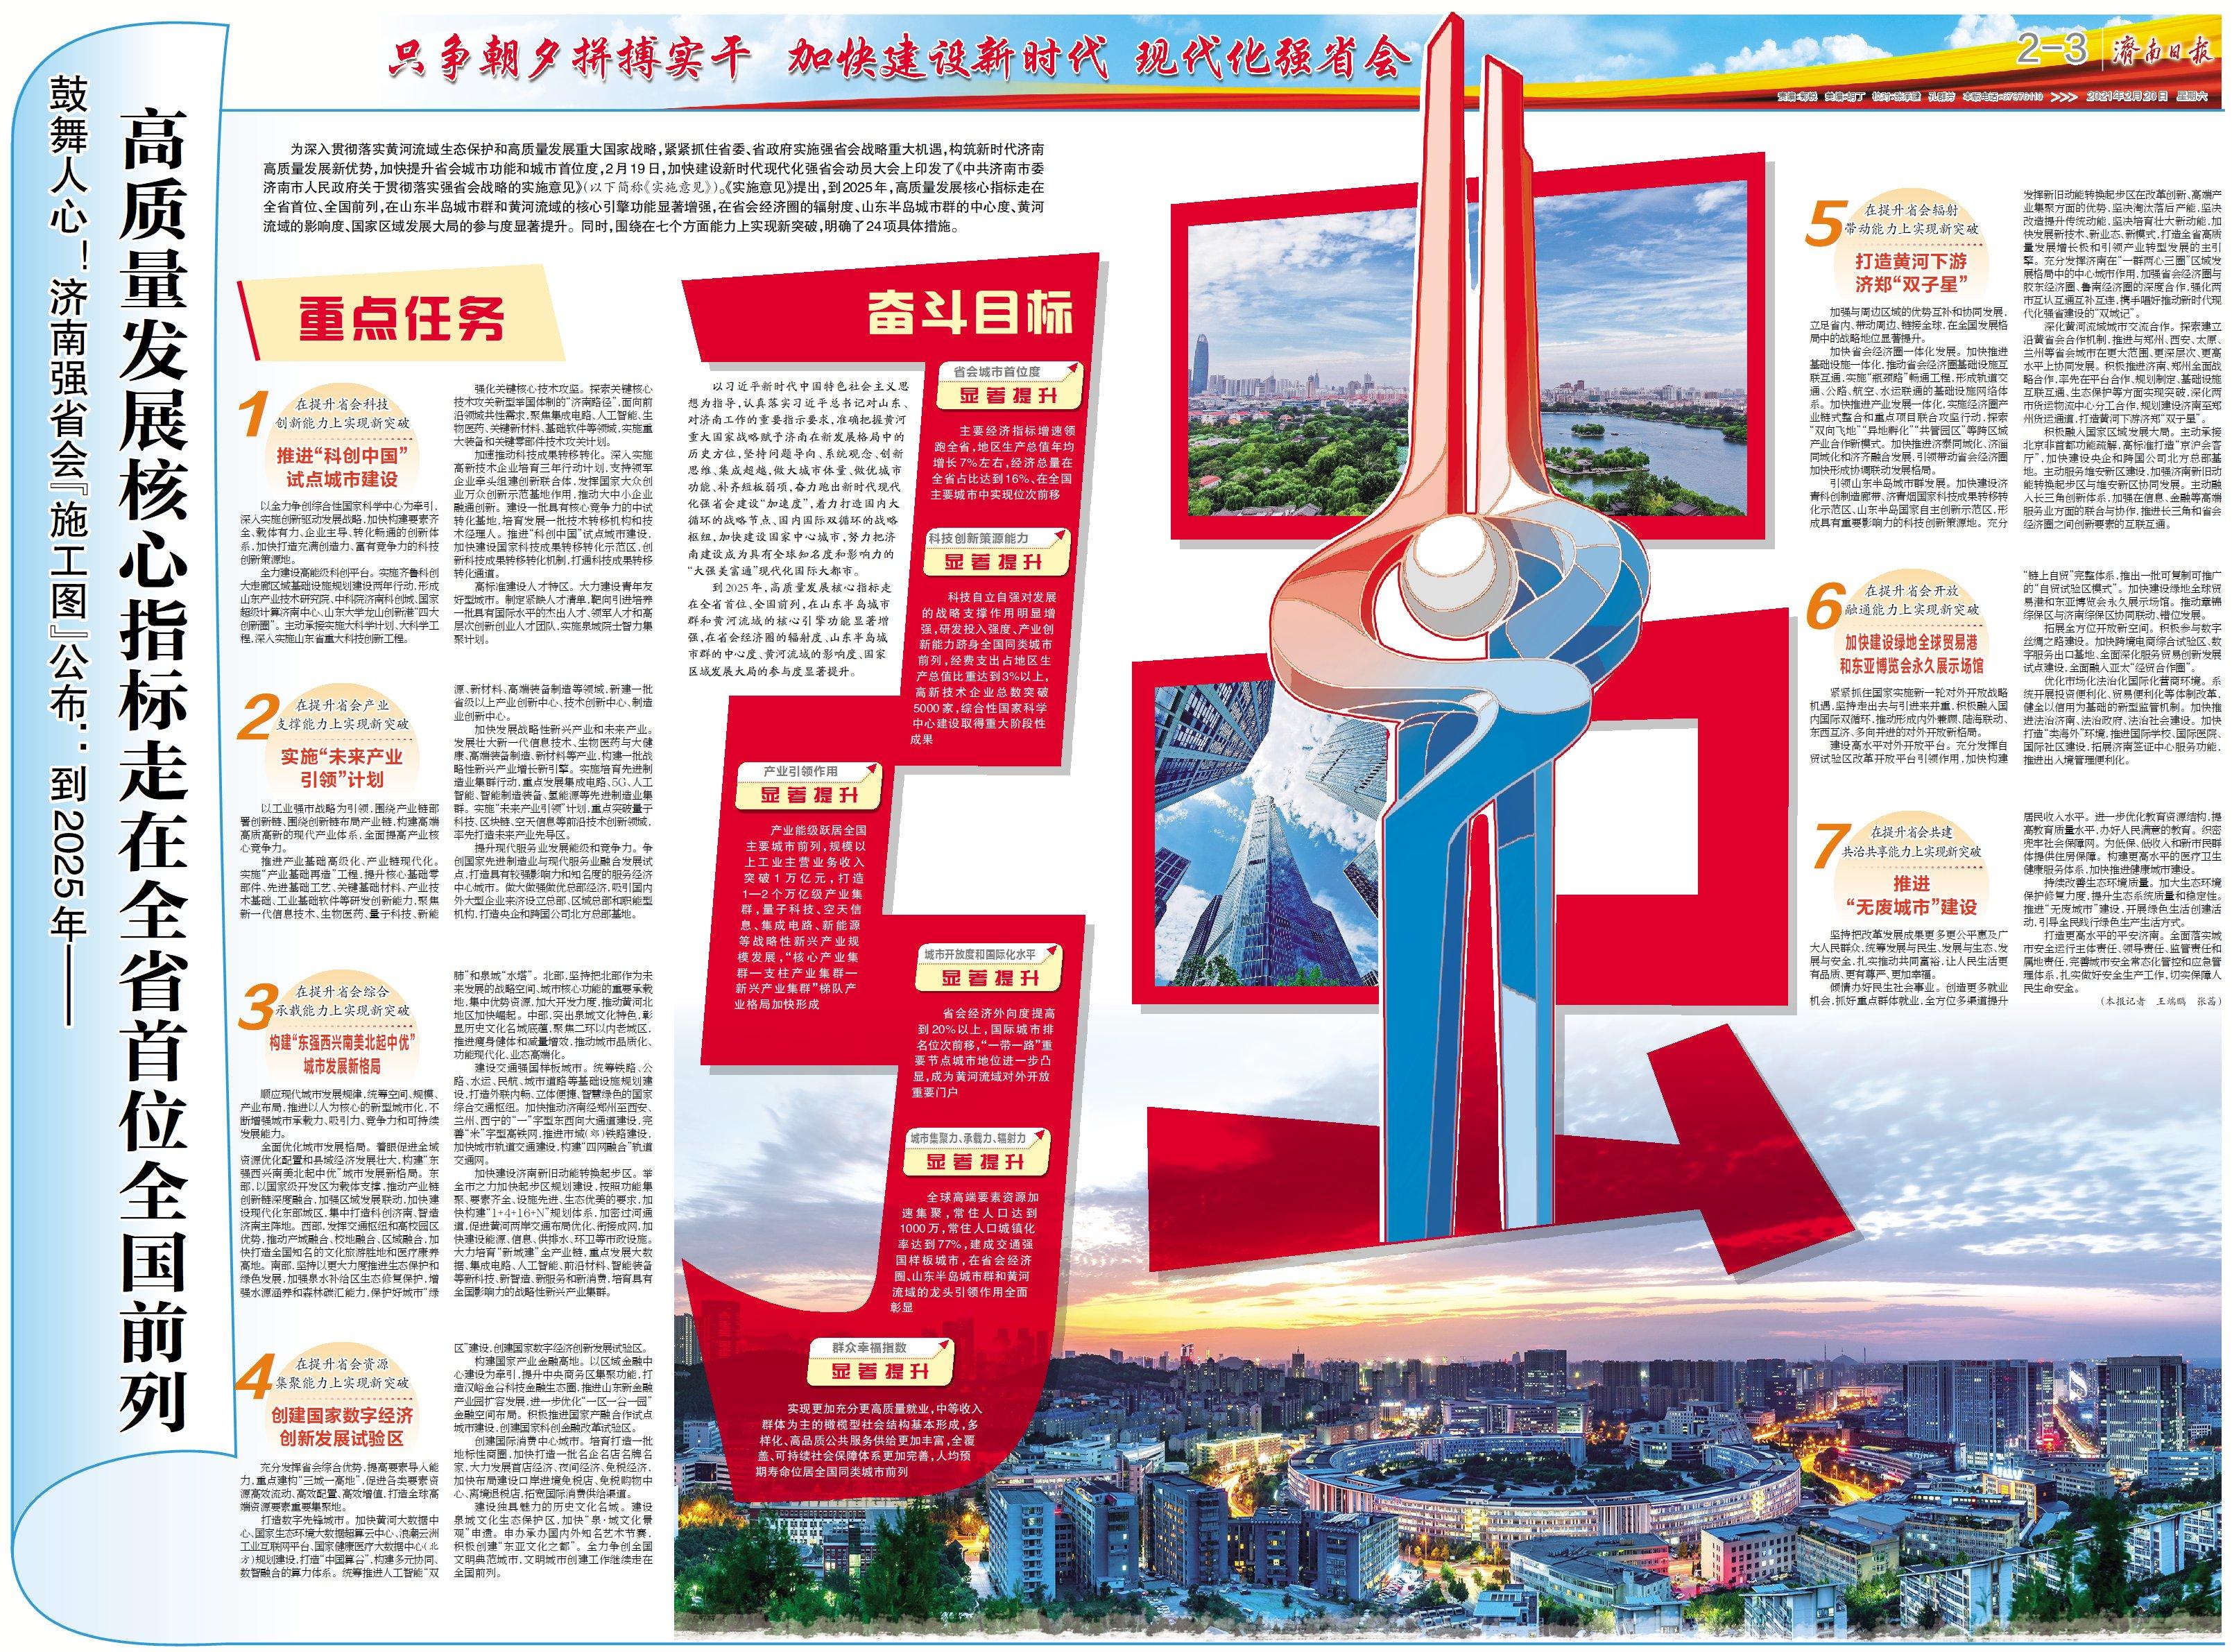 """鼓舞人心!济南强省会""""施工图""""公布:到2025年—— 高质量发展核心指标走在全省首位全国前列"""